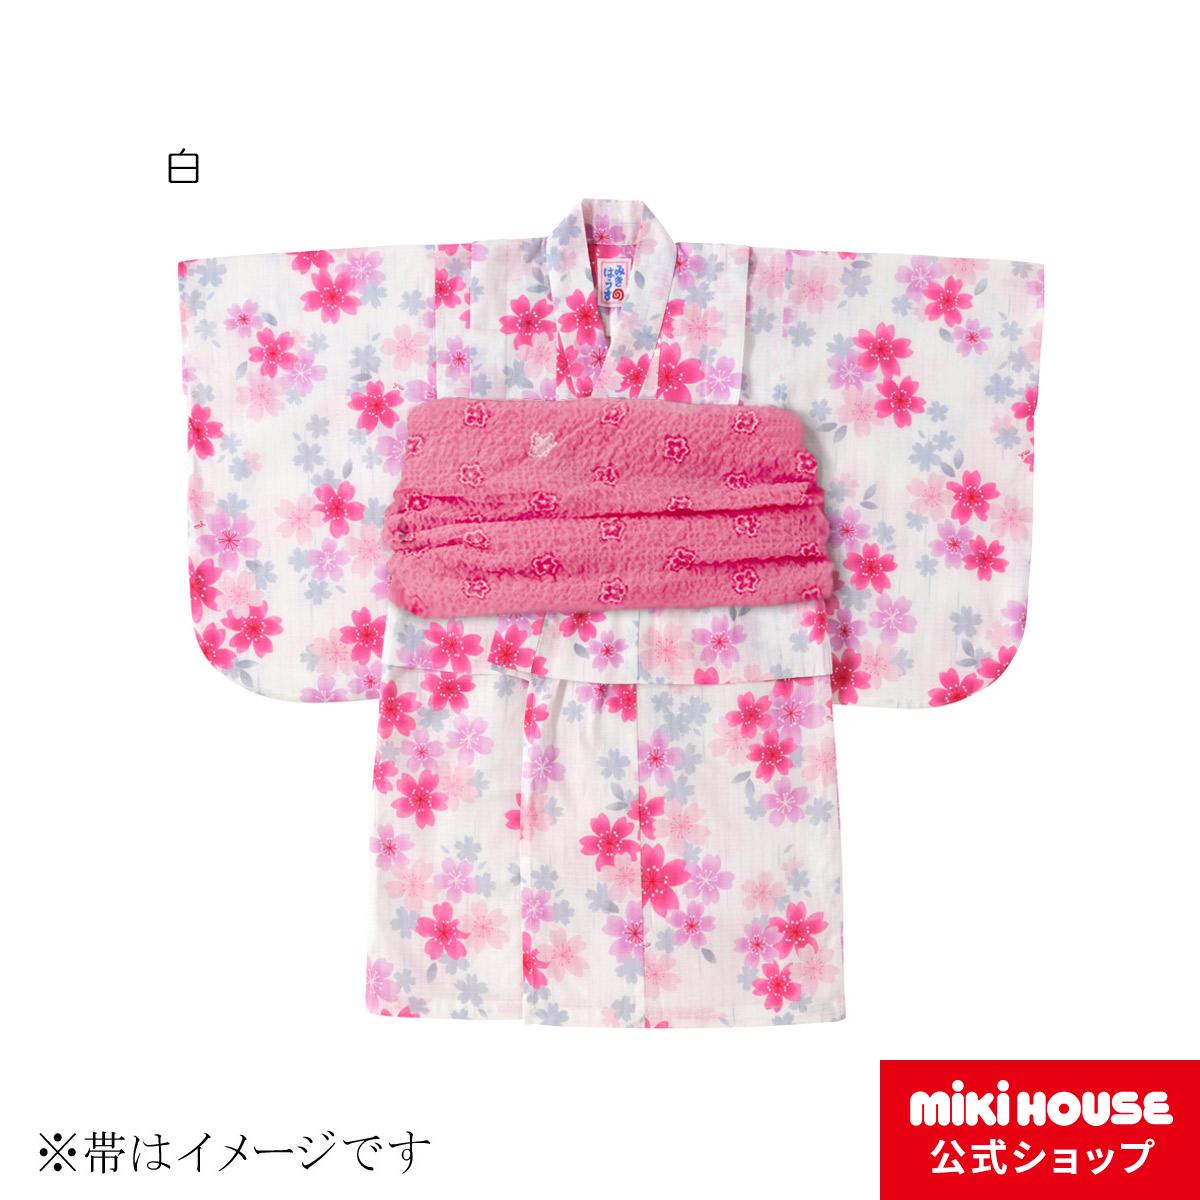 ミキハウス mikihouse さくらしぐれ柄浴衣(女児用)〈110cm(90cm-110cm)〉 バーゲン